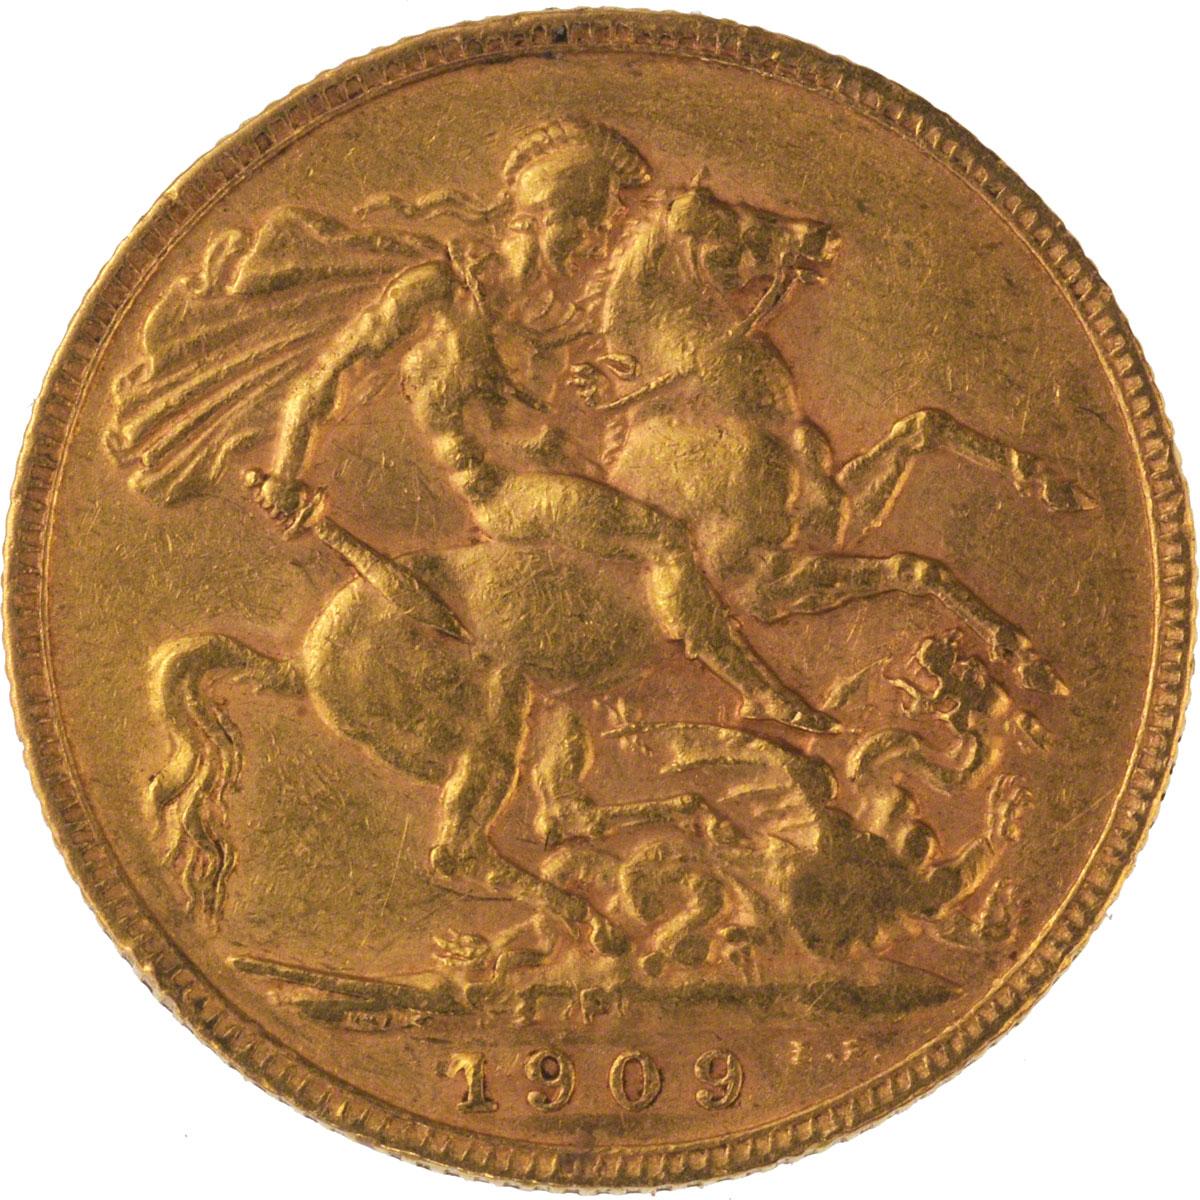 1909 Εδουάρδος Ζ' (Νομισματοκοπείο Περθ)